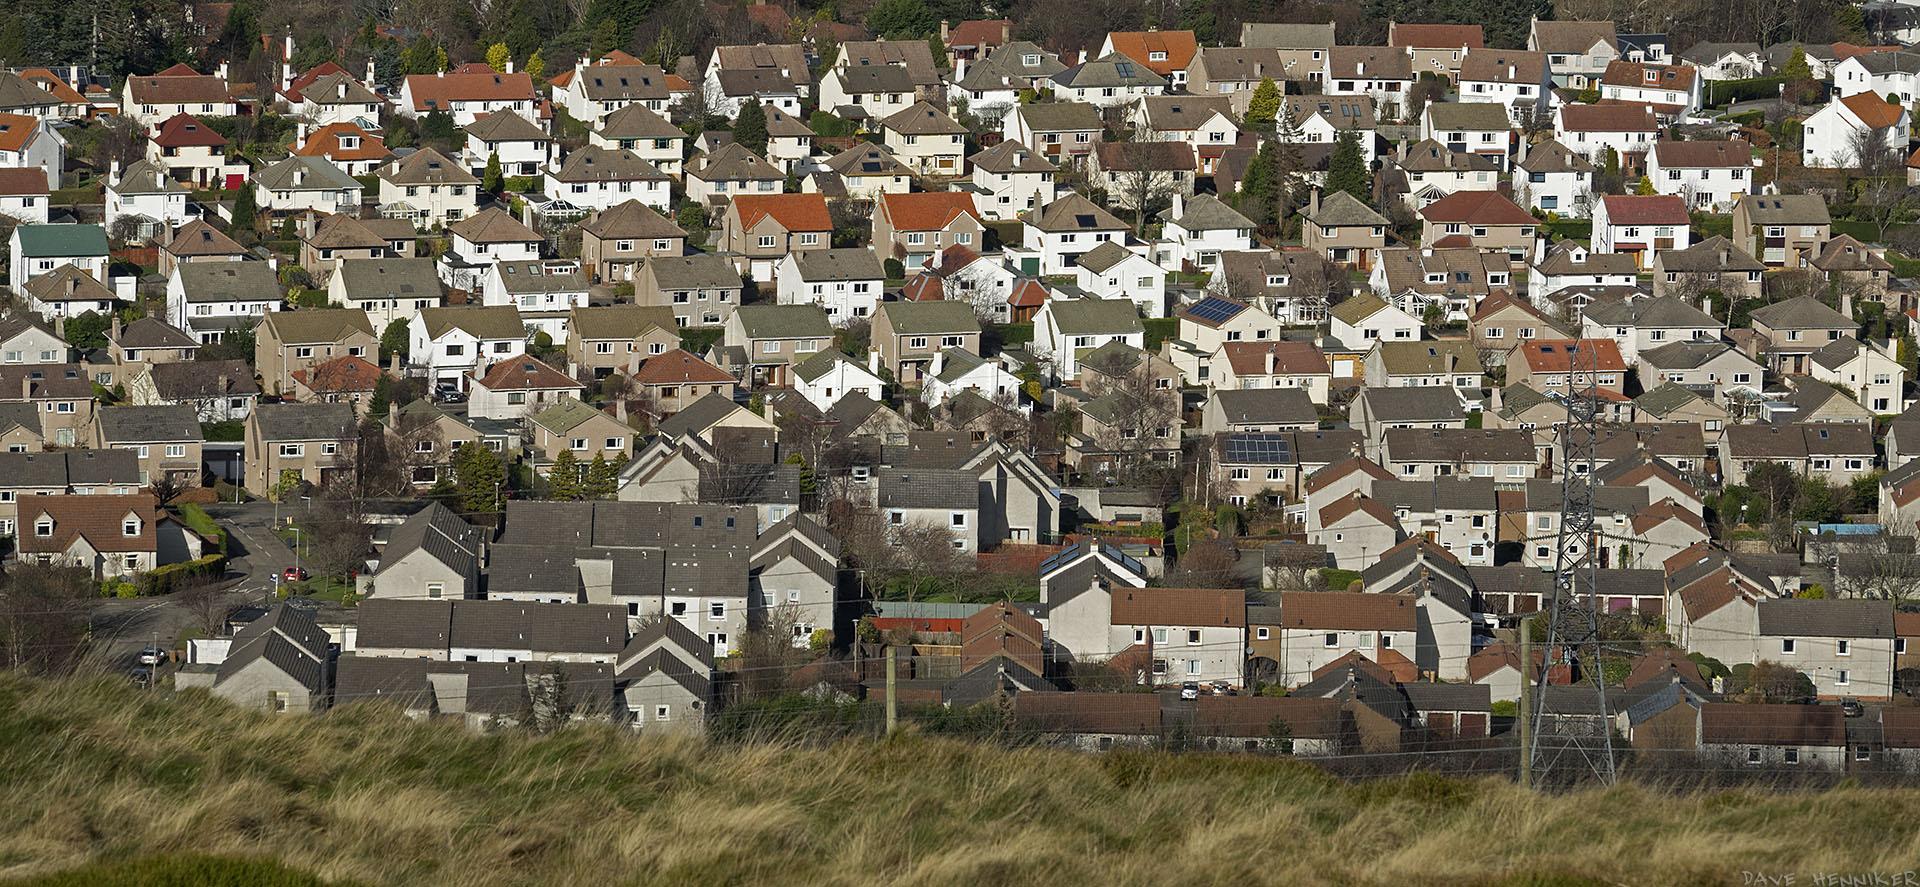 BonalyFromWhitehill